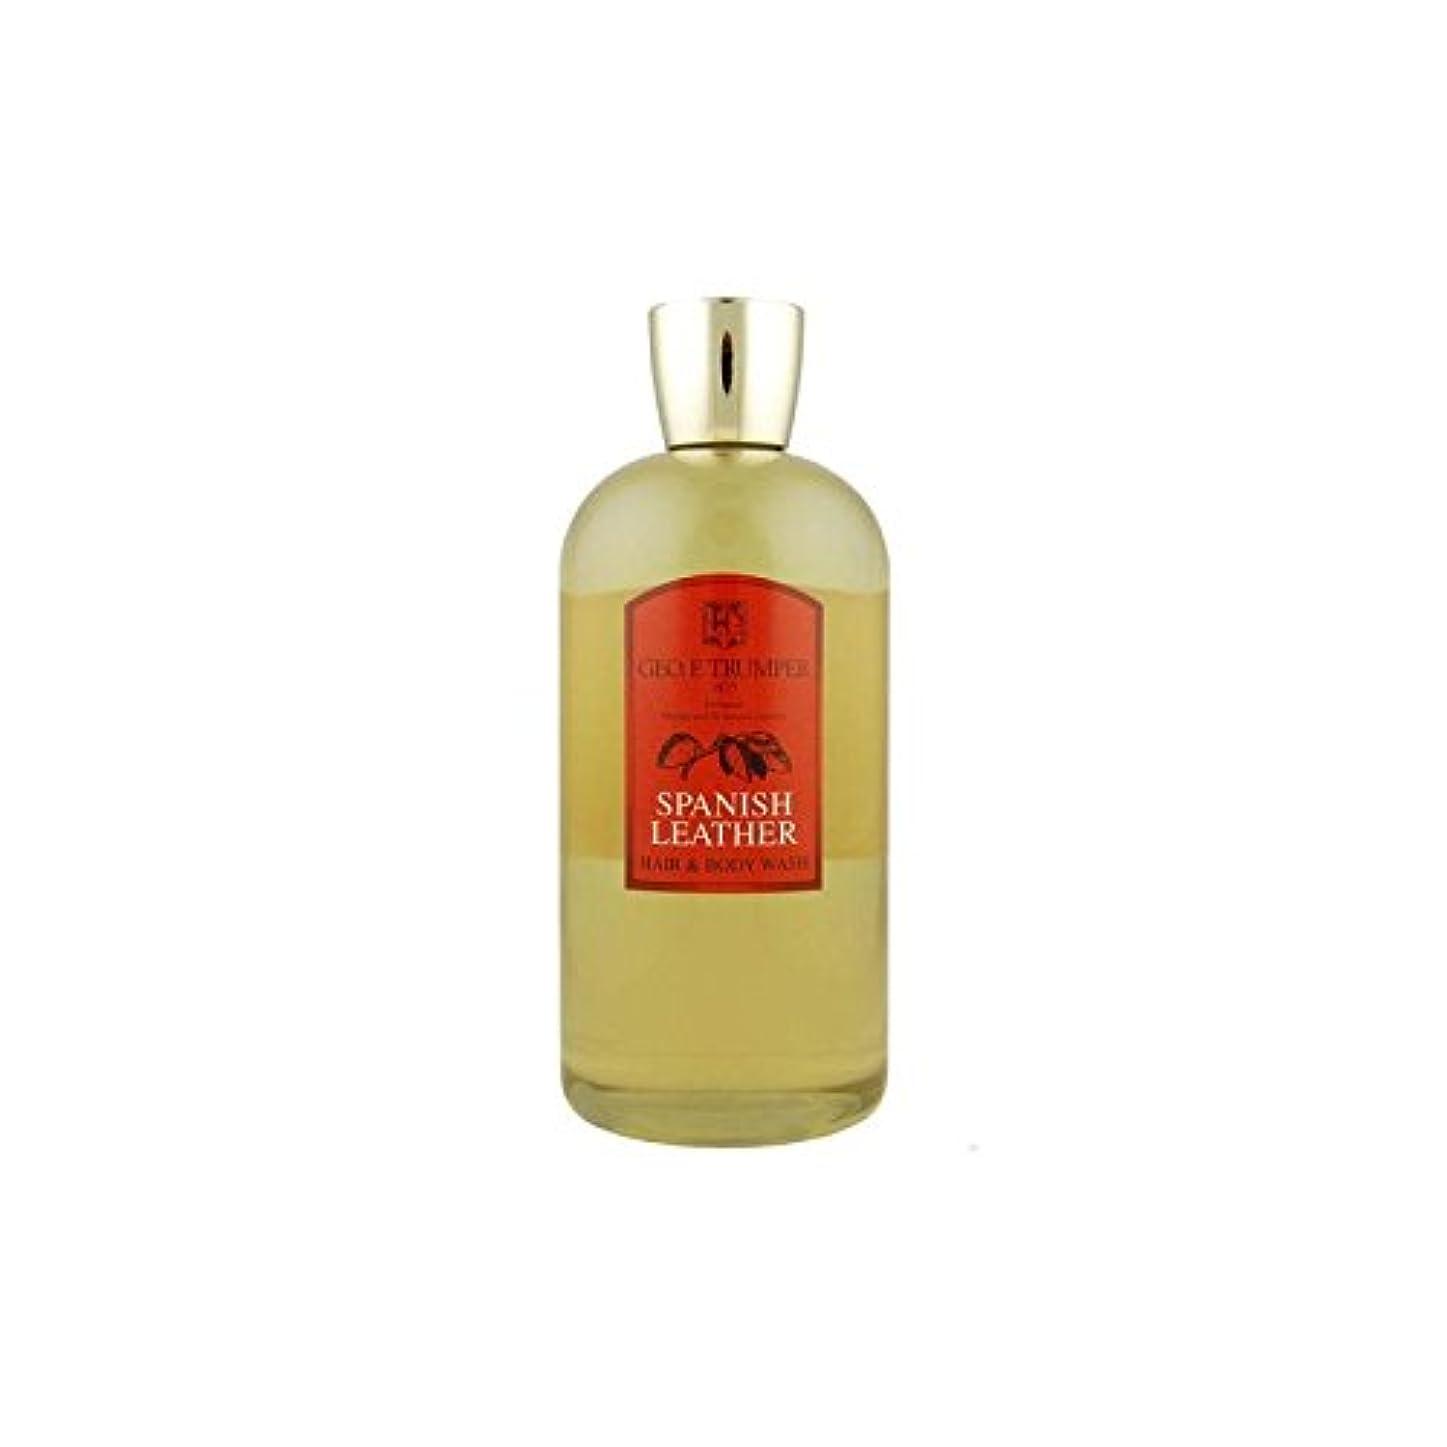 攻撃的吐くコックTrumpers Spanish Leather Hair and Body Wash - 500mlTravel Bottle (Pack of 6) - 革の髪とボディウォッシュスペイン語 - 500ボトル x6 [...